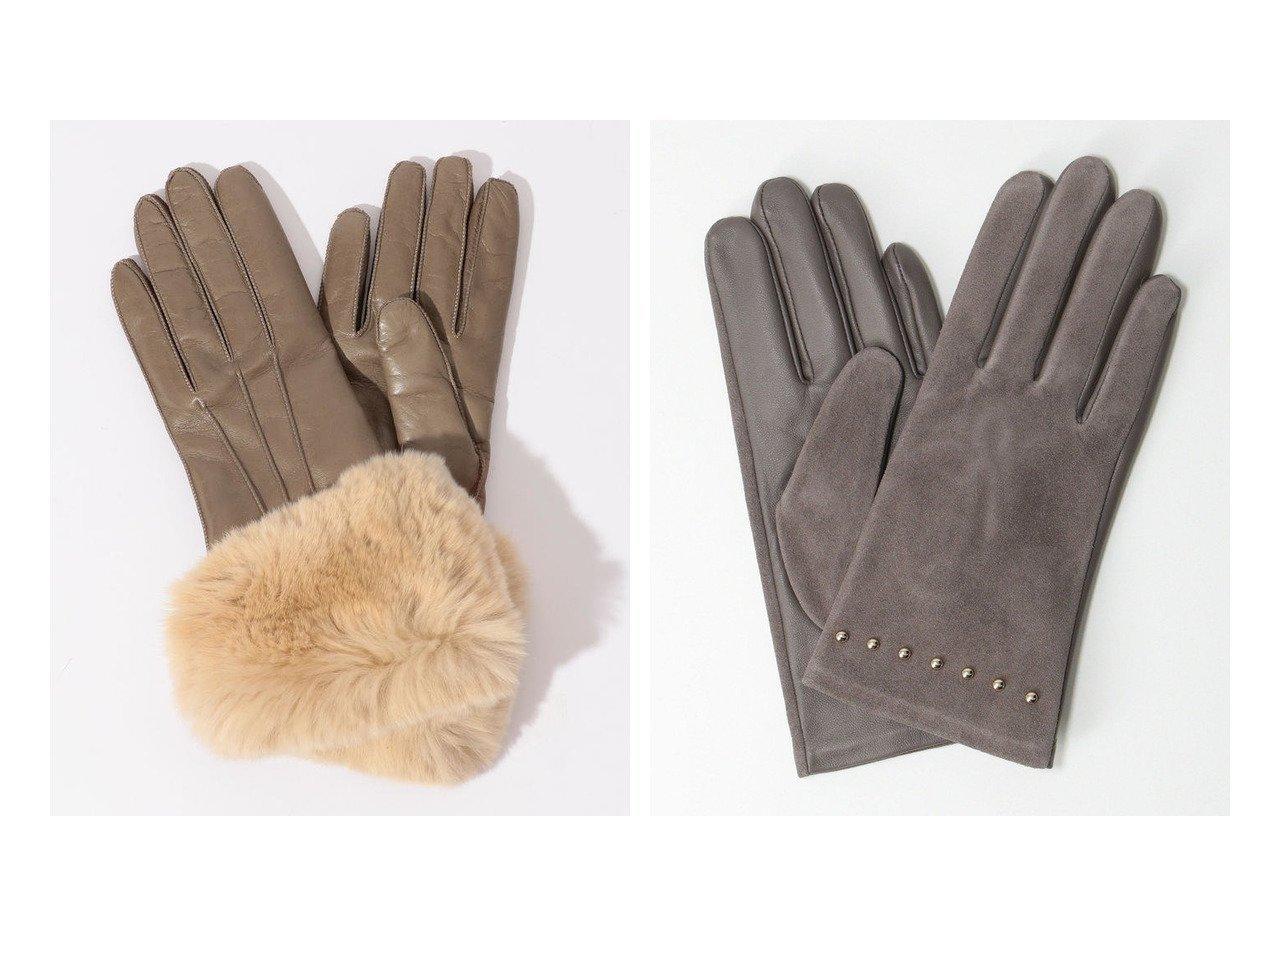 【BEAUTY&YOUTH UNITED ARROWS/ビューティアンド ユースユナイテッドアローズ】のBY レザースタッズグローブ -スマートフォン対応-&【TOMORROWLAND GOODs/トゥモローランド グッズ】のGala Gloves レッキスファーグローブ おすすめ!人気トレンド・レディースファッションの通販  おすすめで人気のファッション通販商品 インテリア・家具・キッズファッション・メンズファッション・レディースファッション・服の通販 founy(ファニー) https://founy.com/ ファッション Fashion レディース WOMEN 手袋 Gloves A/W 秋冬 Autumn &  Winter イタリア 冬 Winter エレガント スエード スタッズ スマート フェイクファー |ID:crp329100000006643